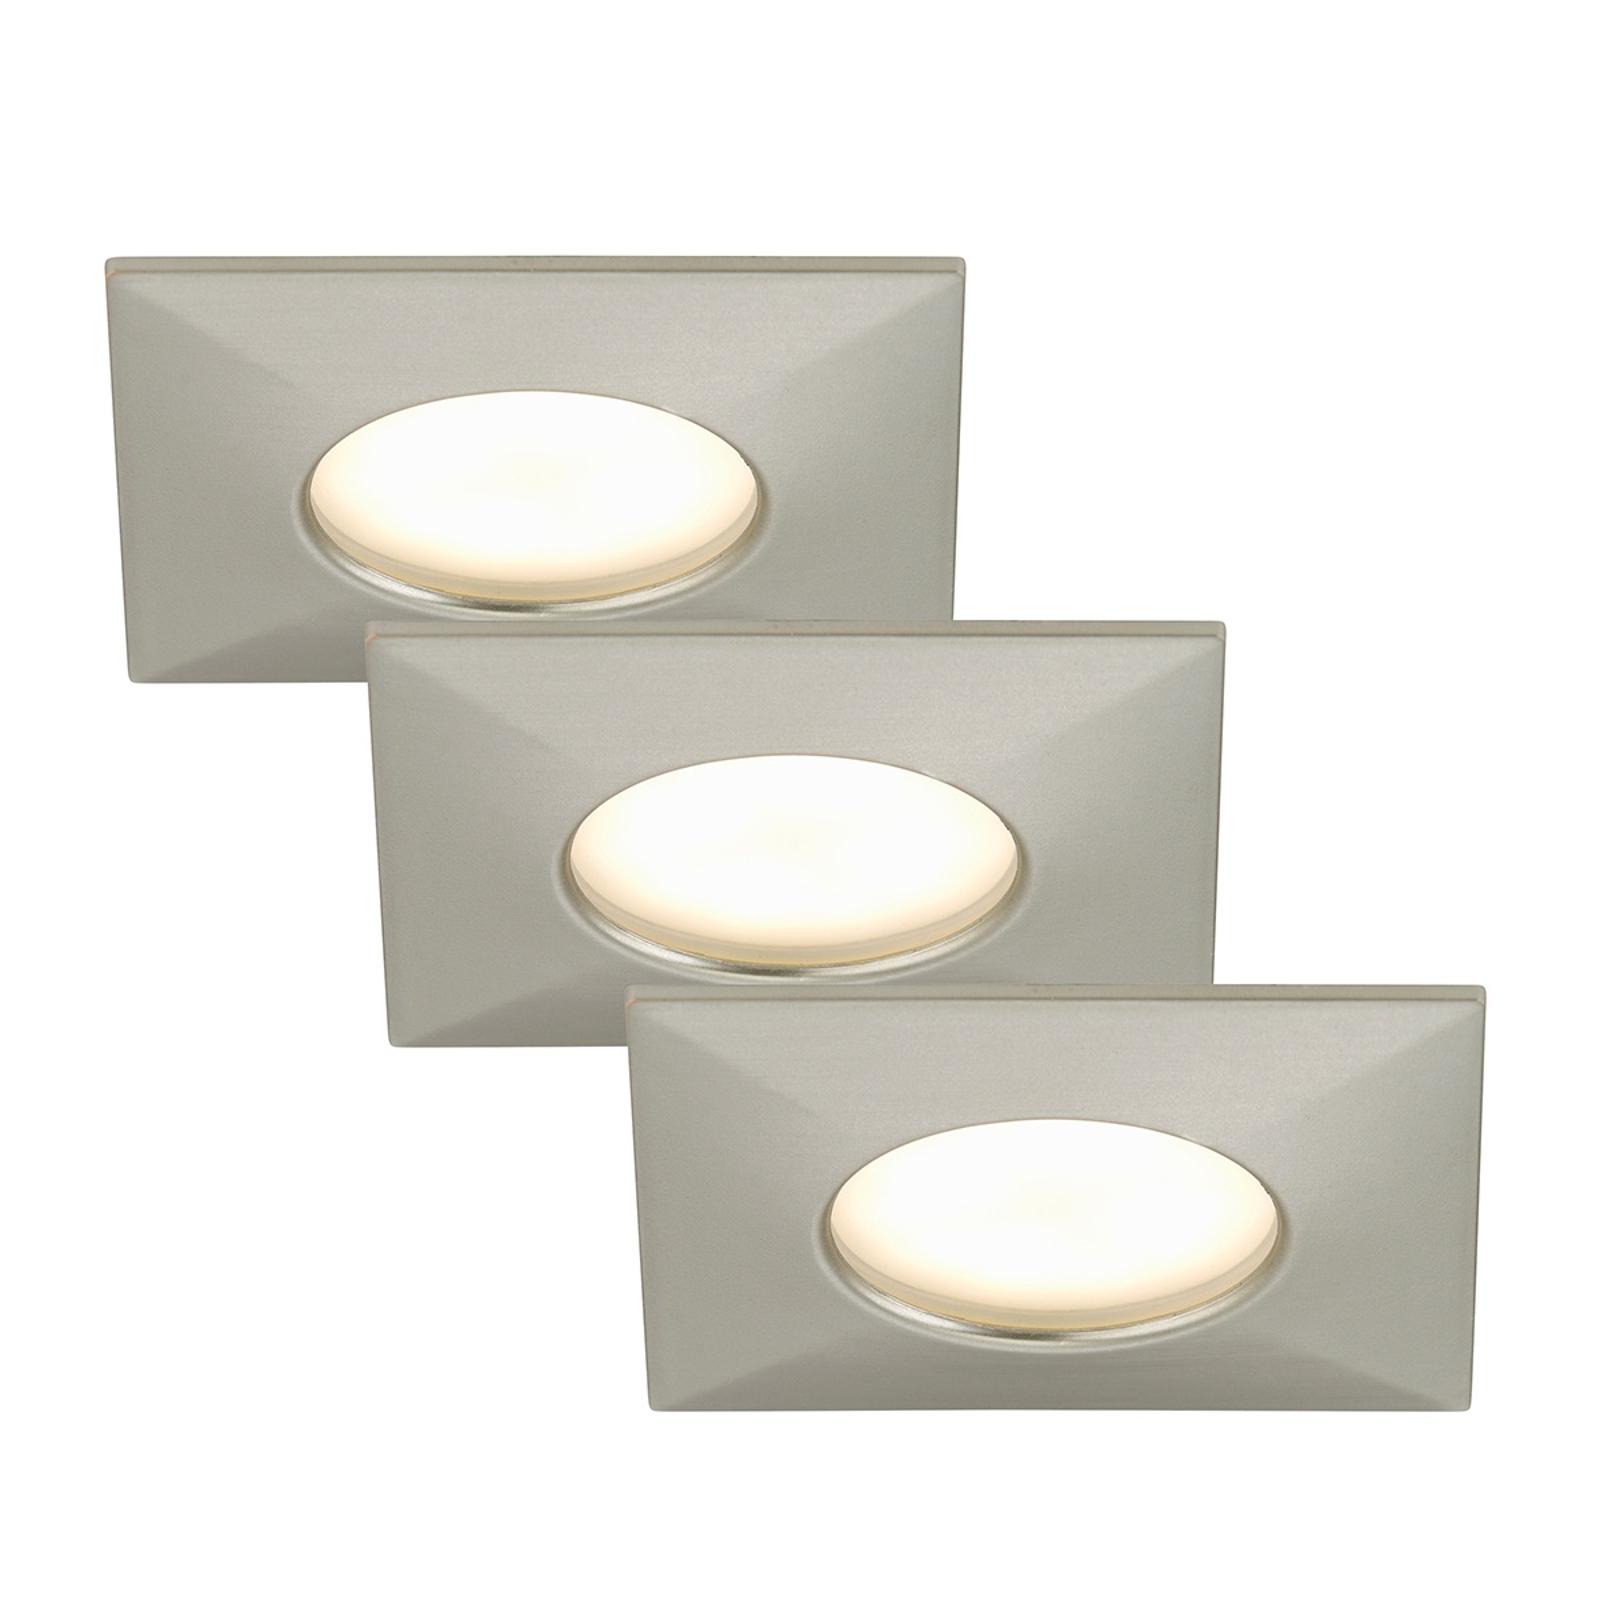 LED-Einbaustrahler Luca 3er Set IP44 nickel matt